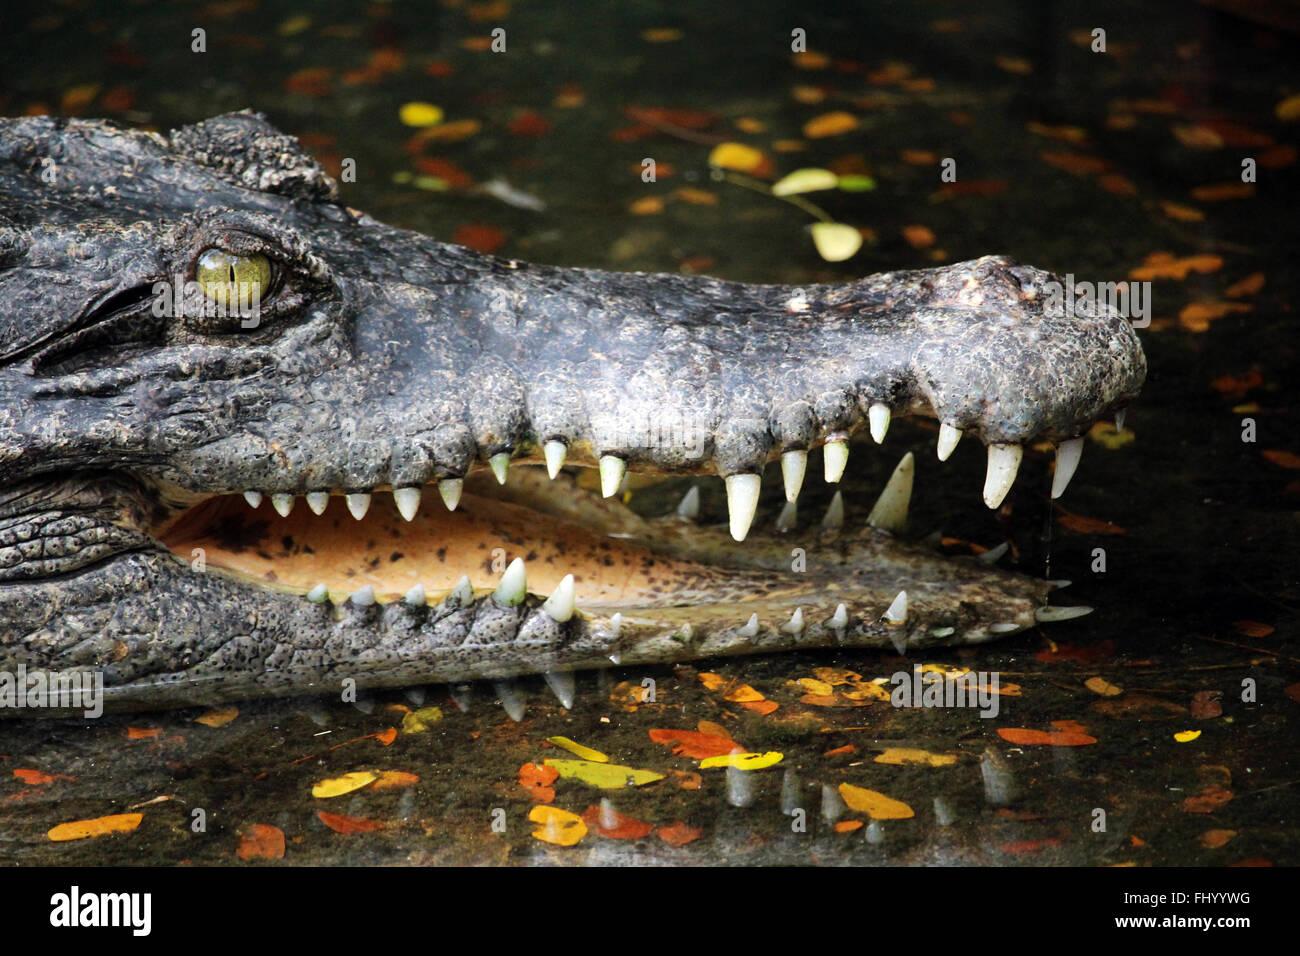 MIRI/MALAYSIA - 24 novembre 2015: un coccodrillo con grandi denti in Borneo Immagini Stock